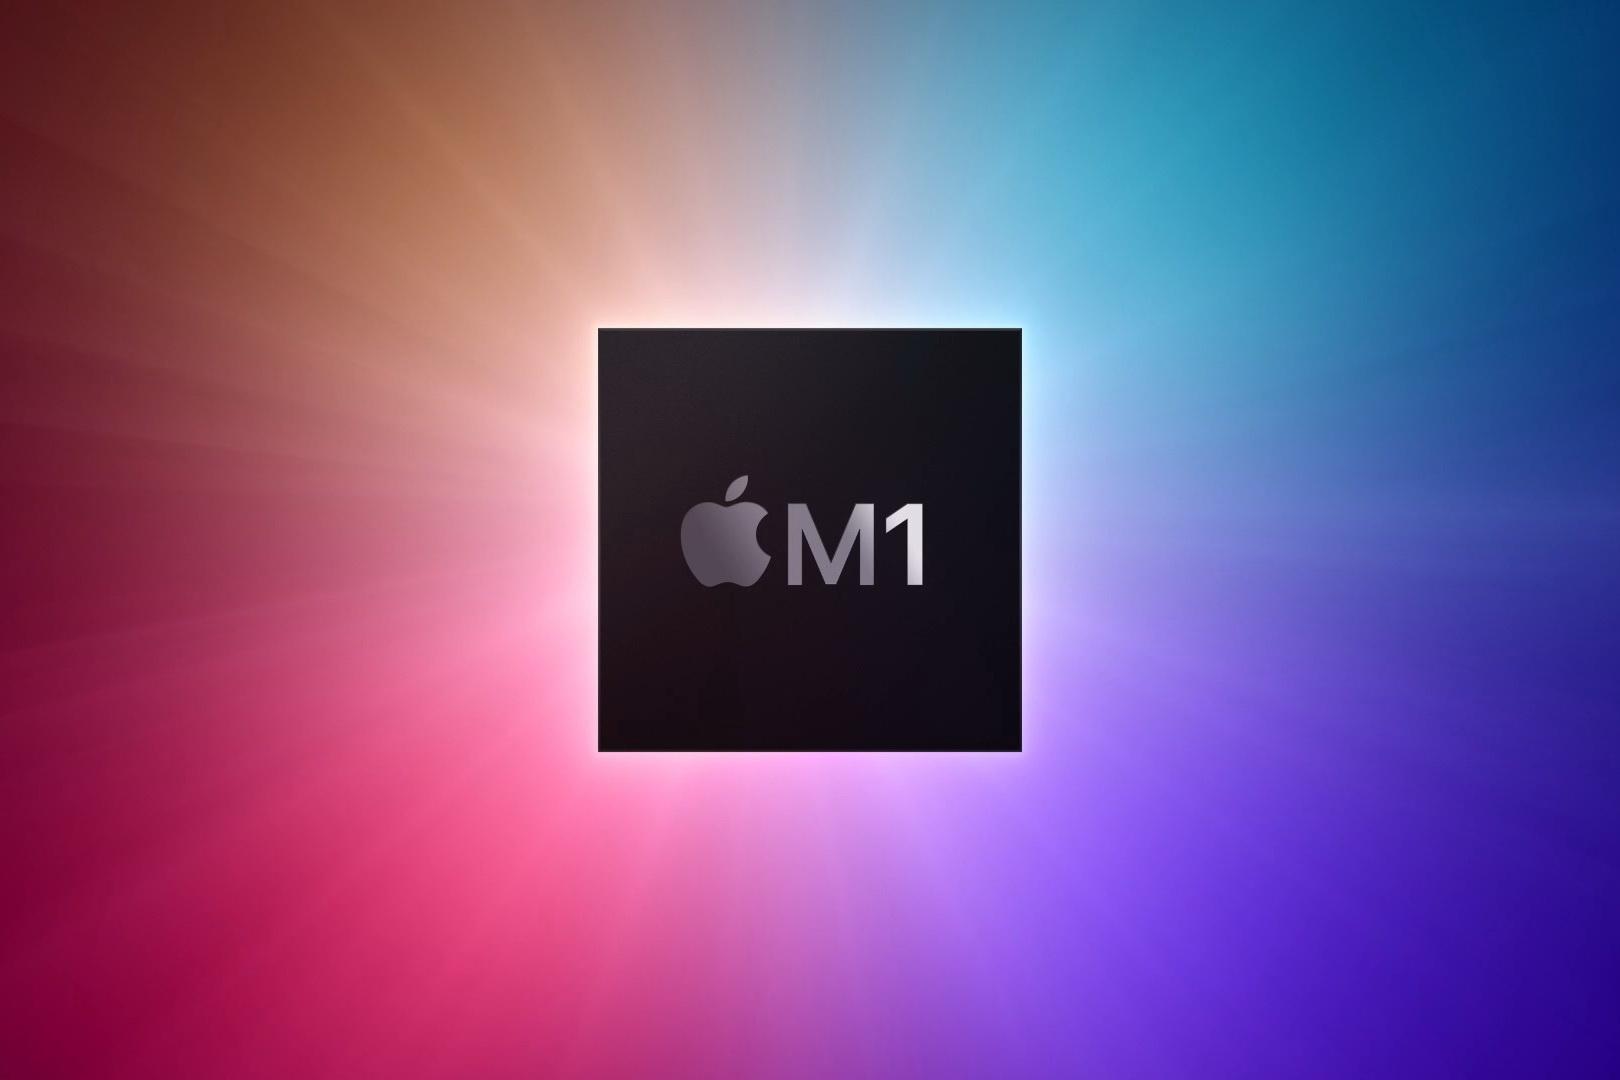 苹果自研A/M系列处理器Q1收益大幅增长54%